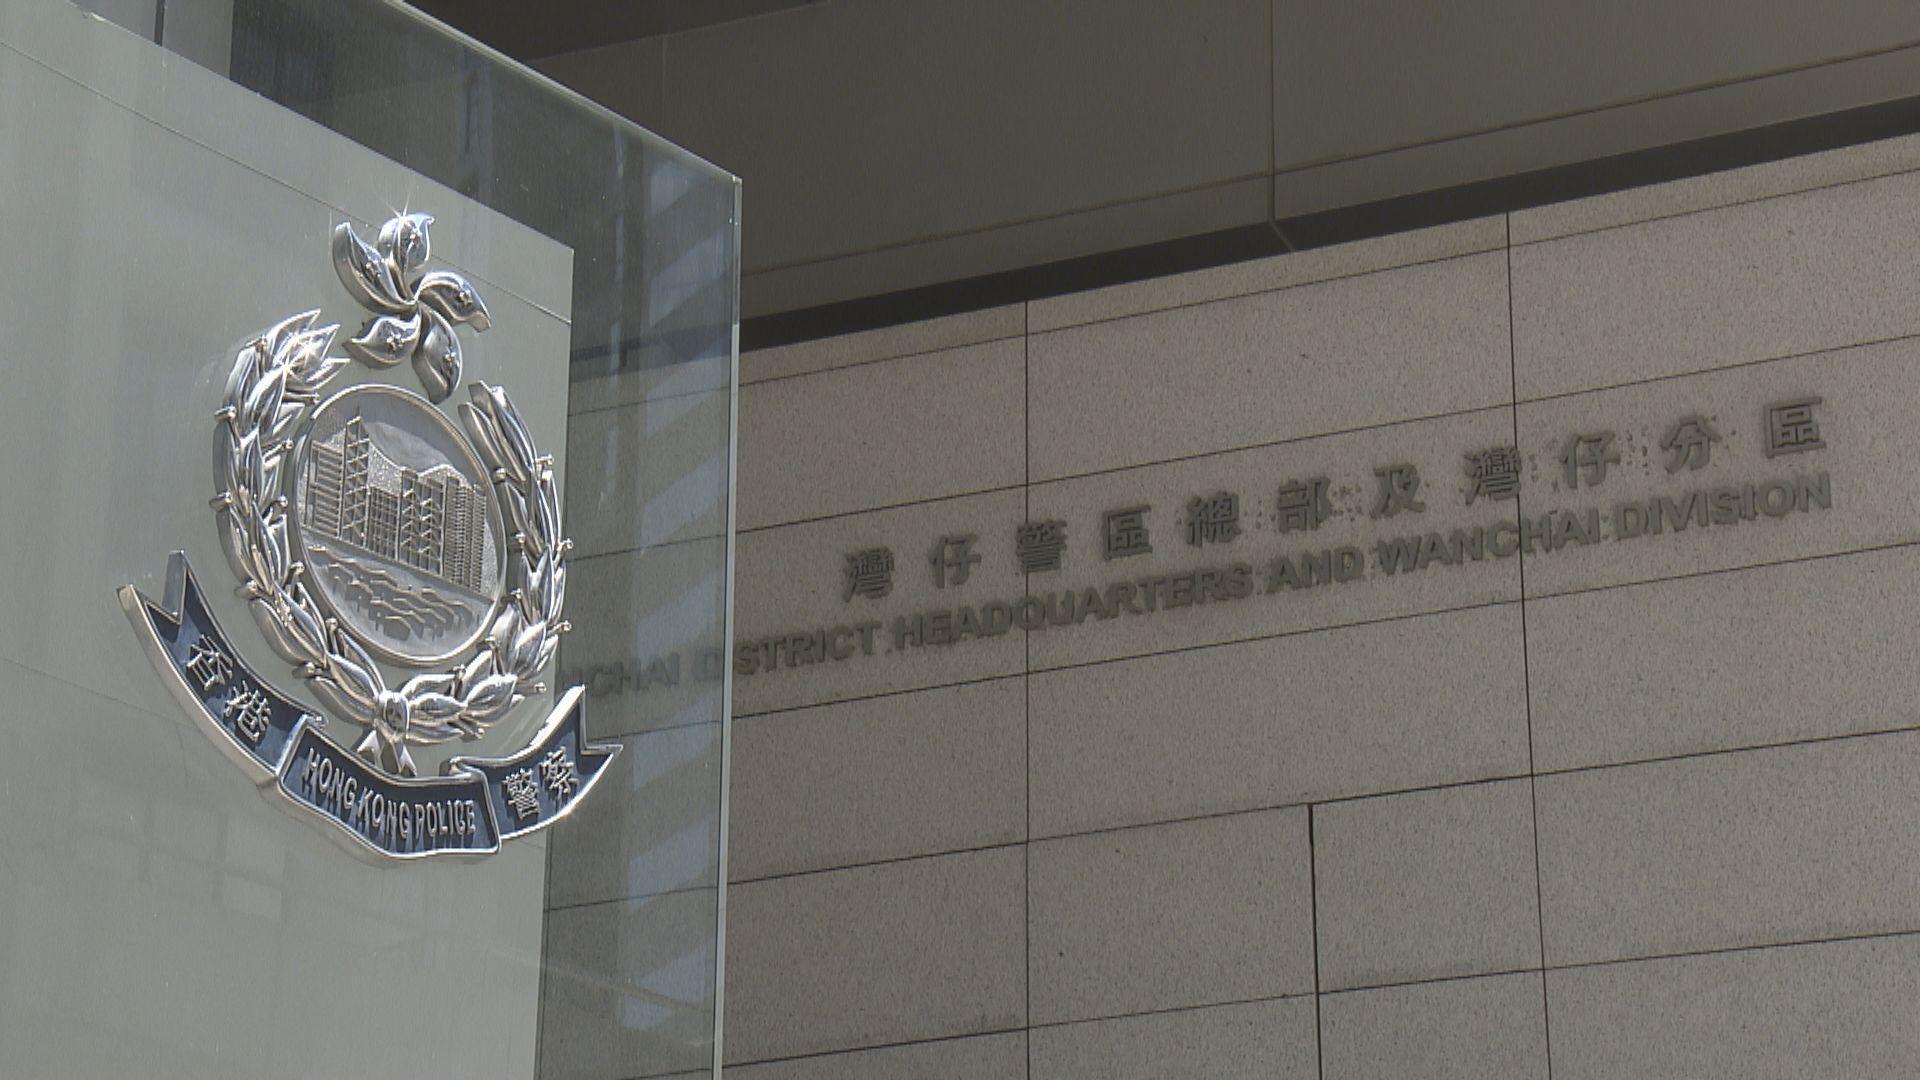 於香港註冊船舶或飛機內犯罪行為 亦適用於港區國安法